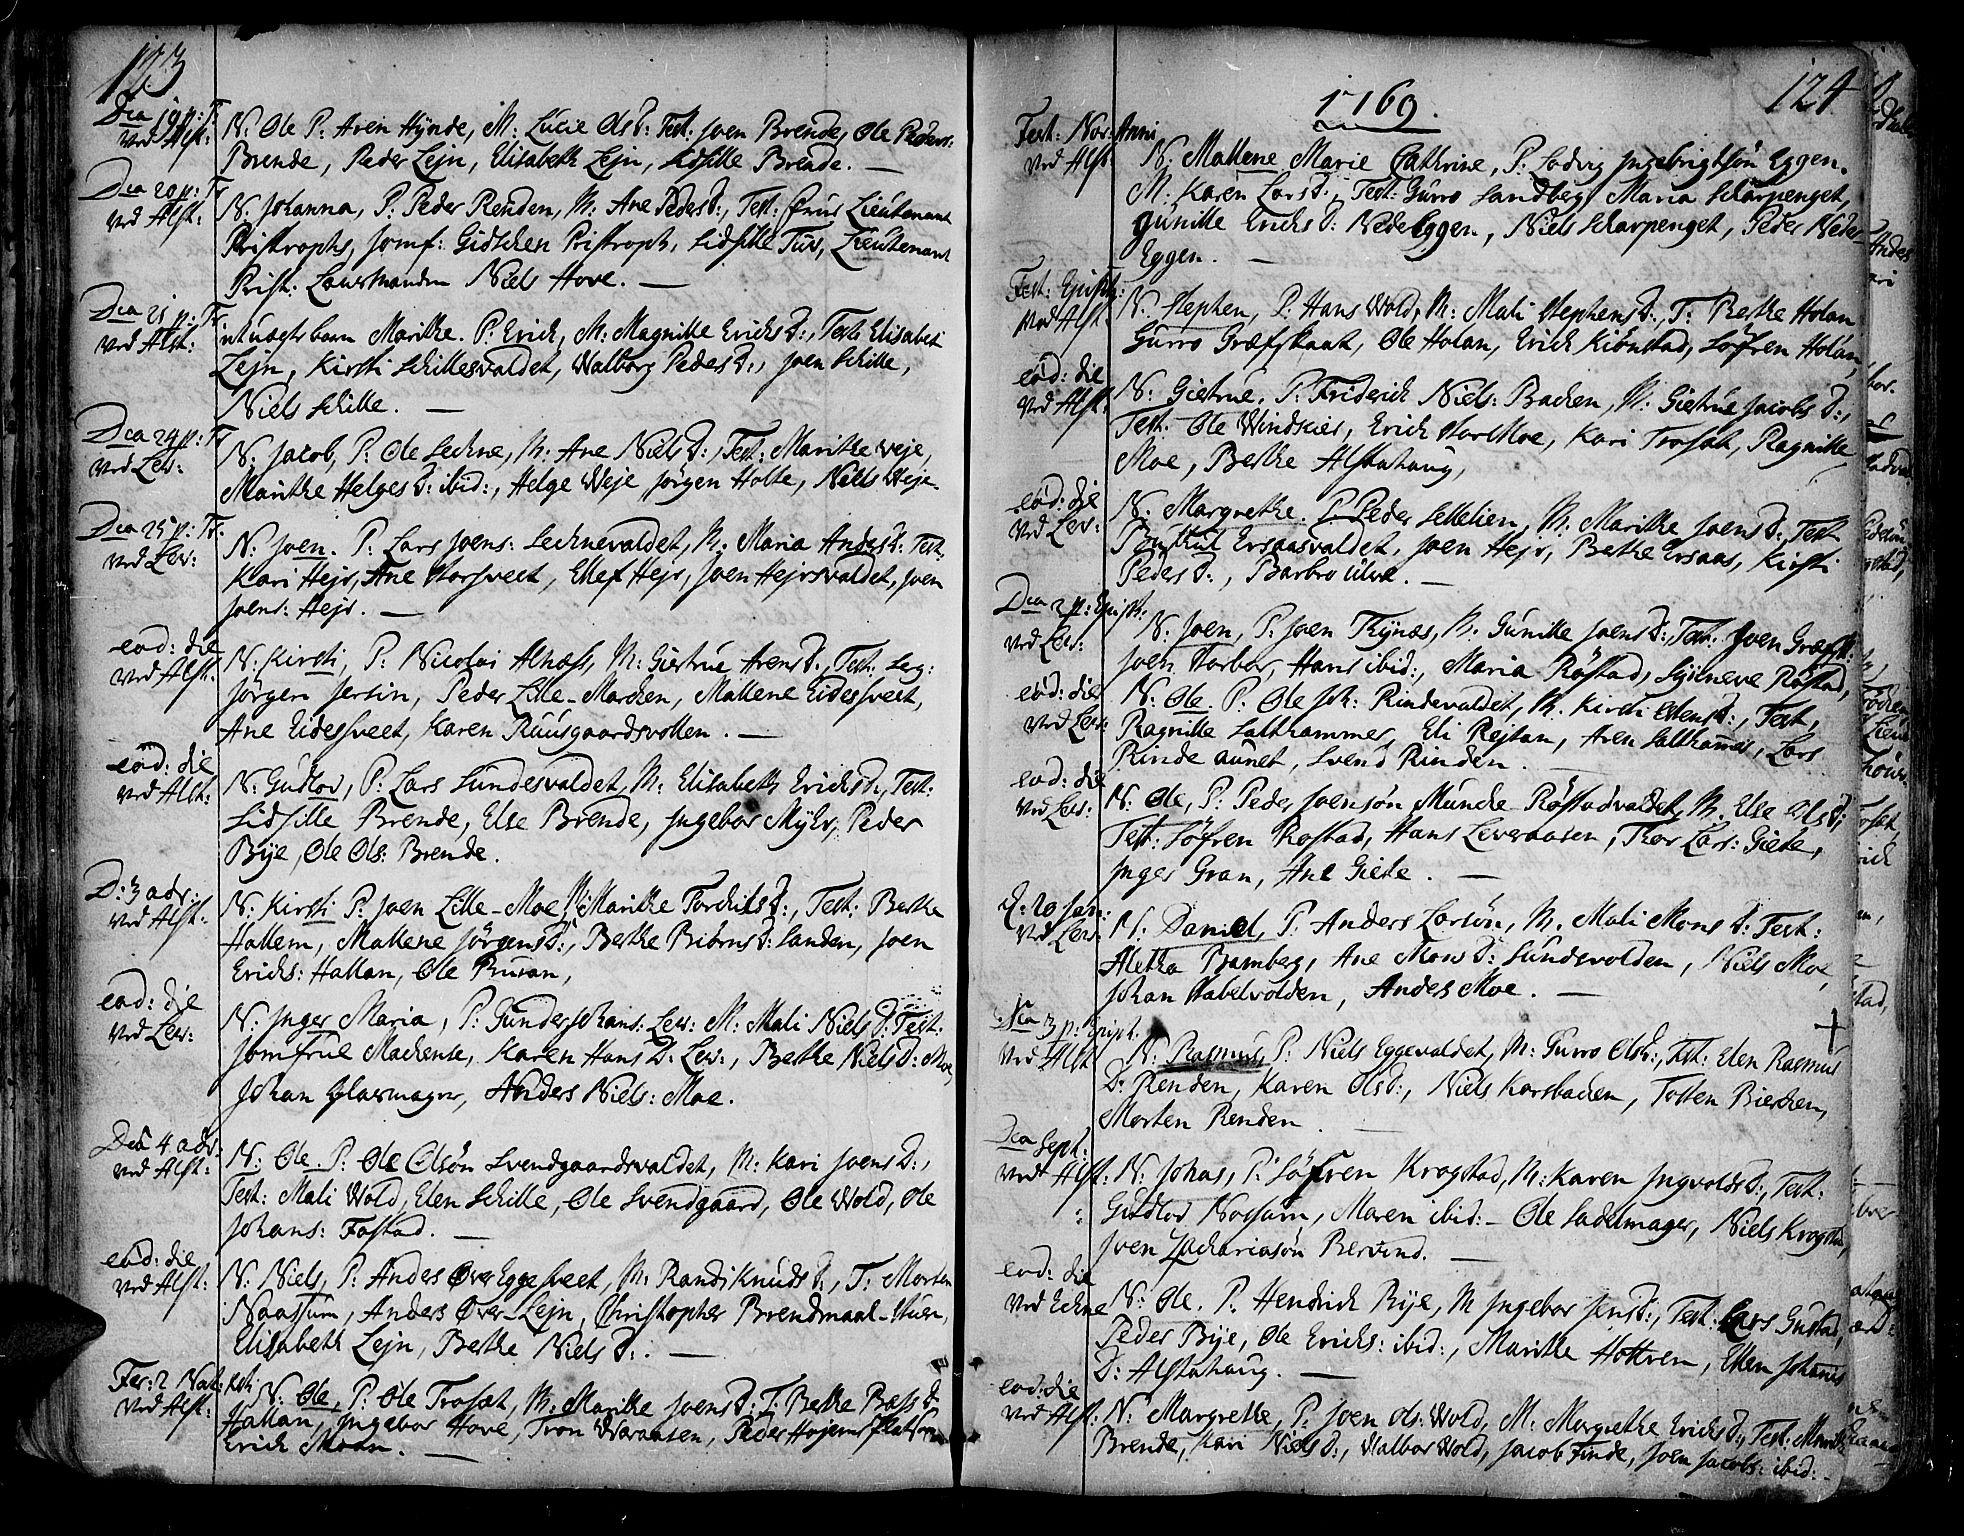 SAT, Ministerialprotokoller, klokkerbøker og fødselsregistre - Nord-Trøndelag, 717/L0141: Ministerialbok nr. 717A01, 1747-1803, s. 123-124